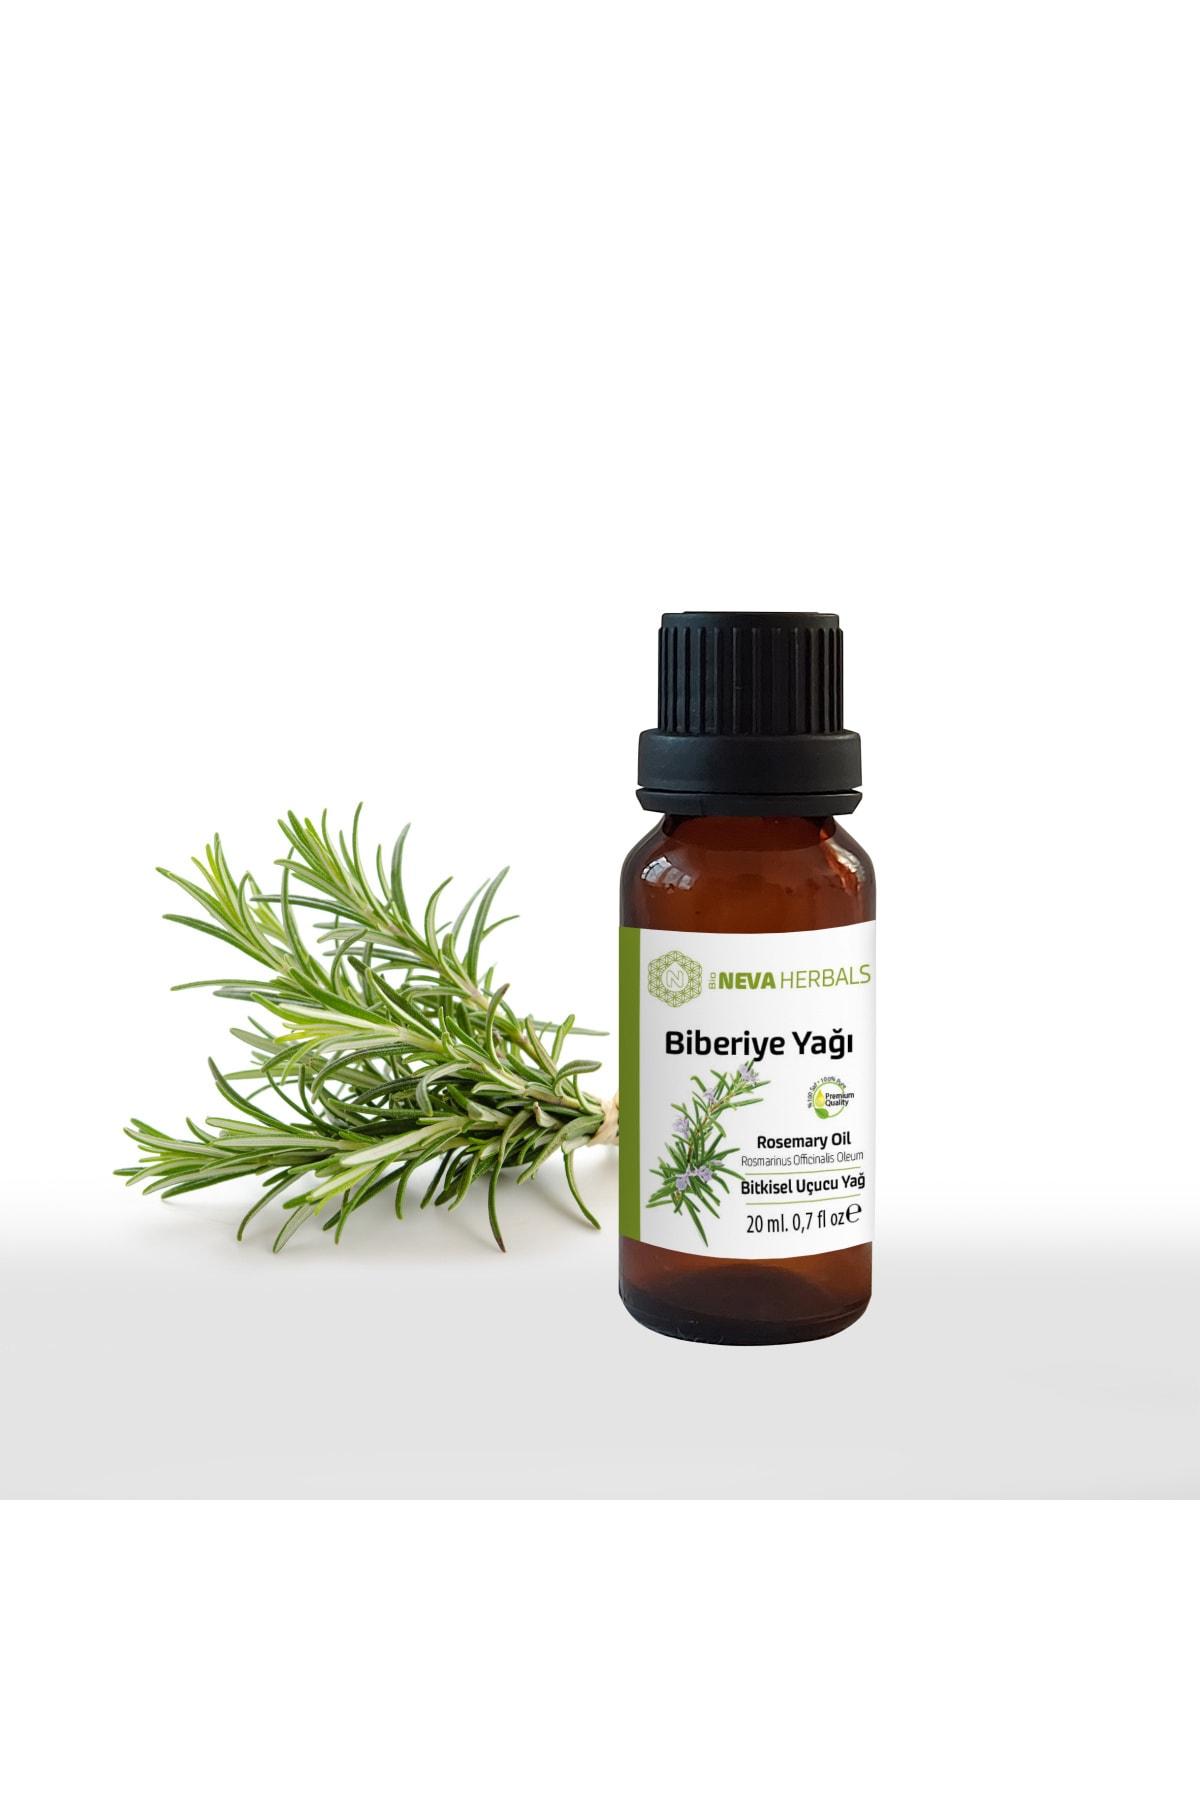 Bioneva Herbals Biberiye Yağı - 20 Ml 1